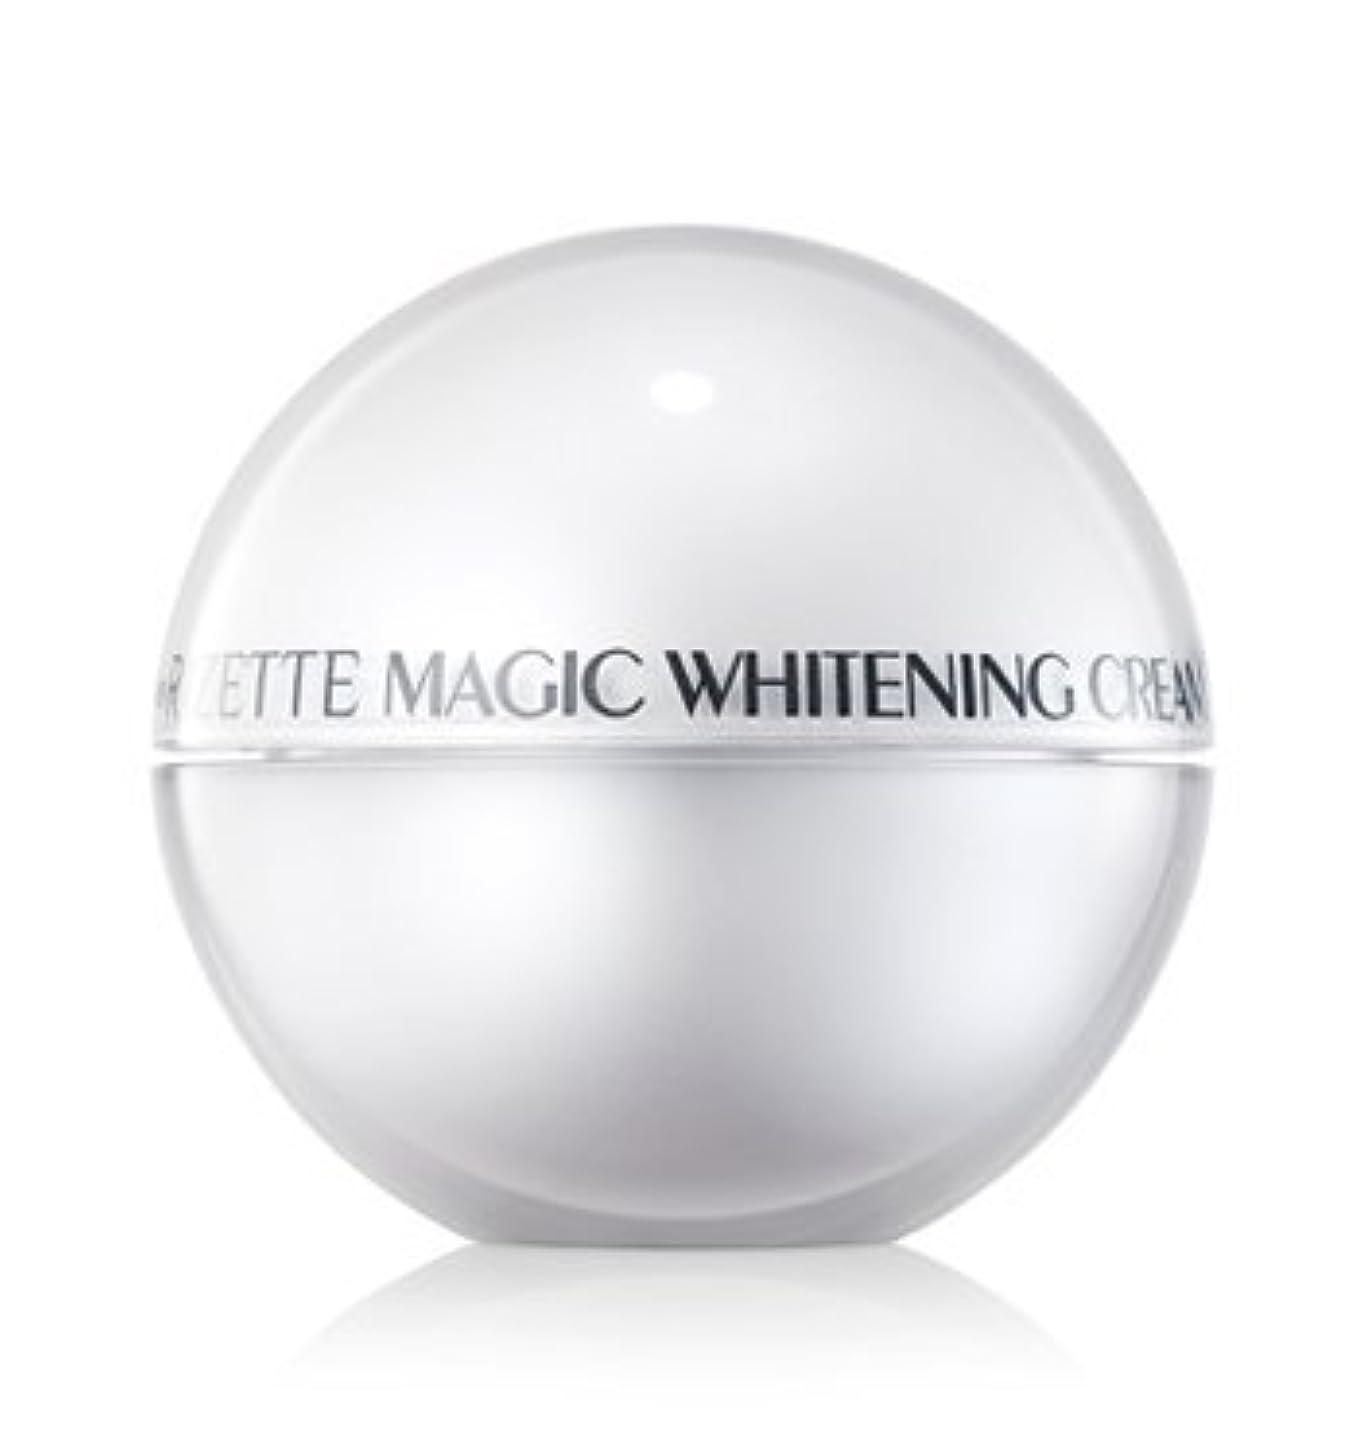 解任集中的な限られたリオエリ(Lioele) Rizette マジック ホワイトニング クリーム プラス/ Lioele Rizette Magic Whitening Cream Plus[並行輸入品]